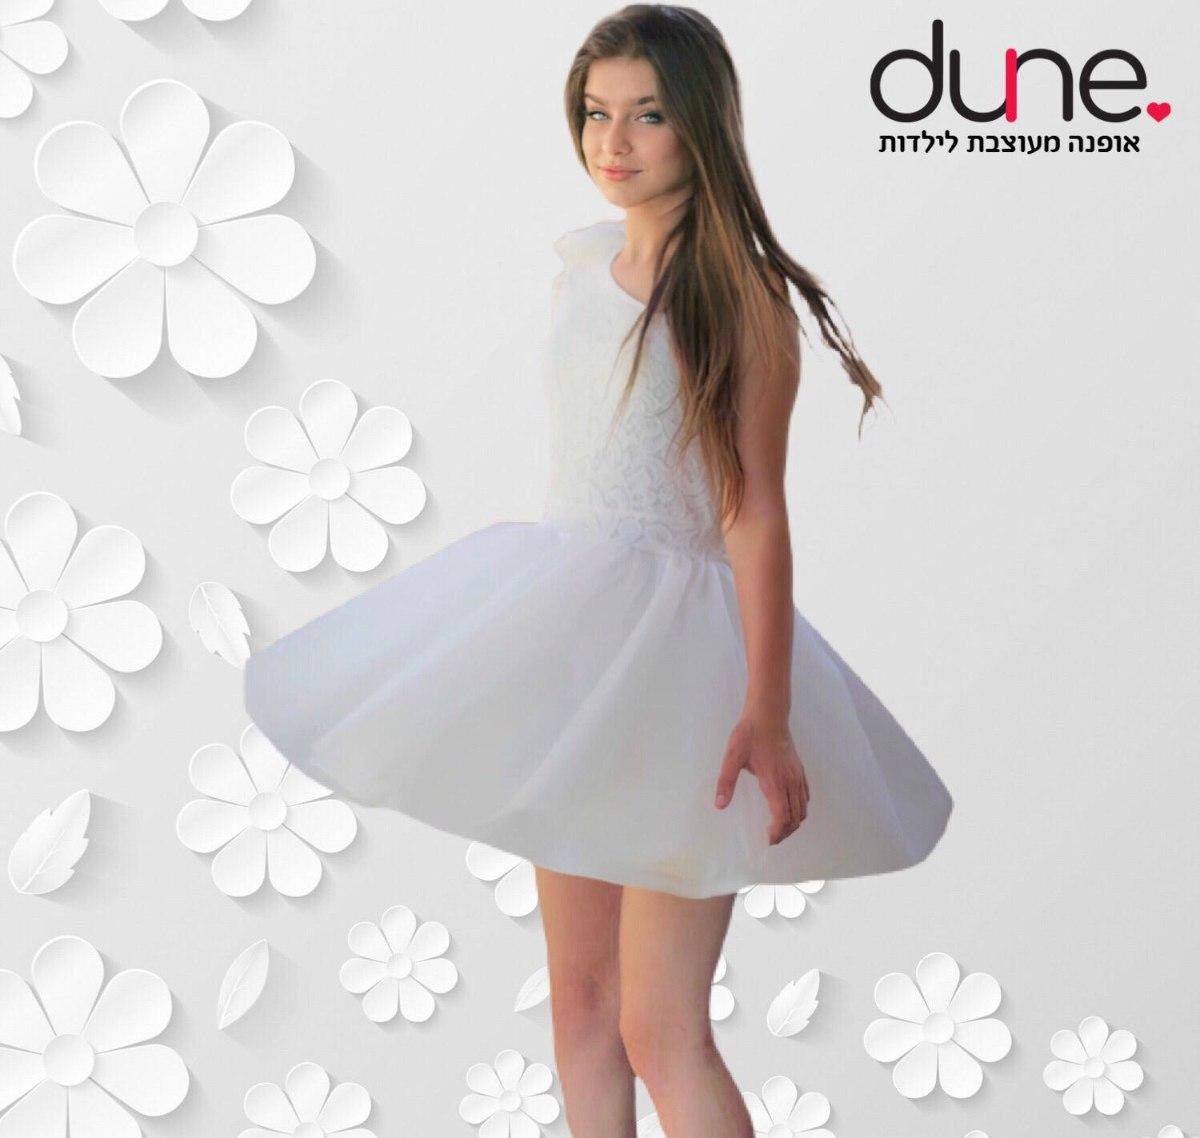 שמלת טוטו כתף אחת